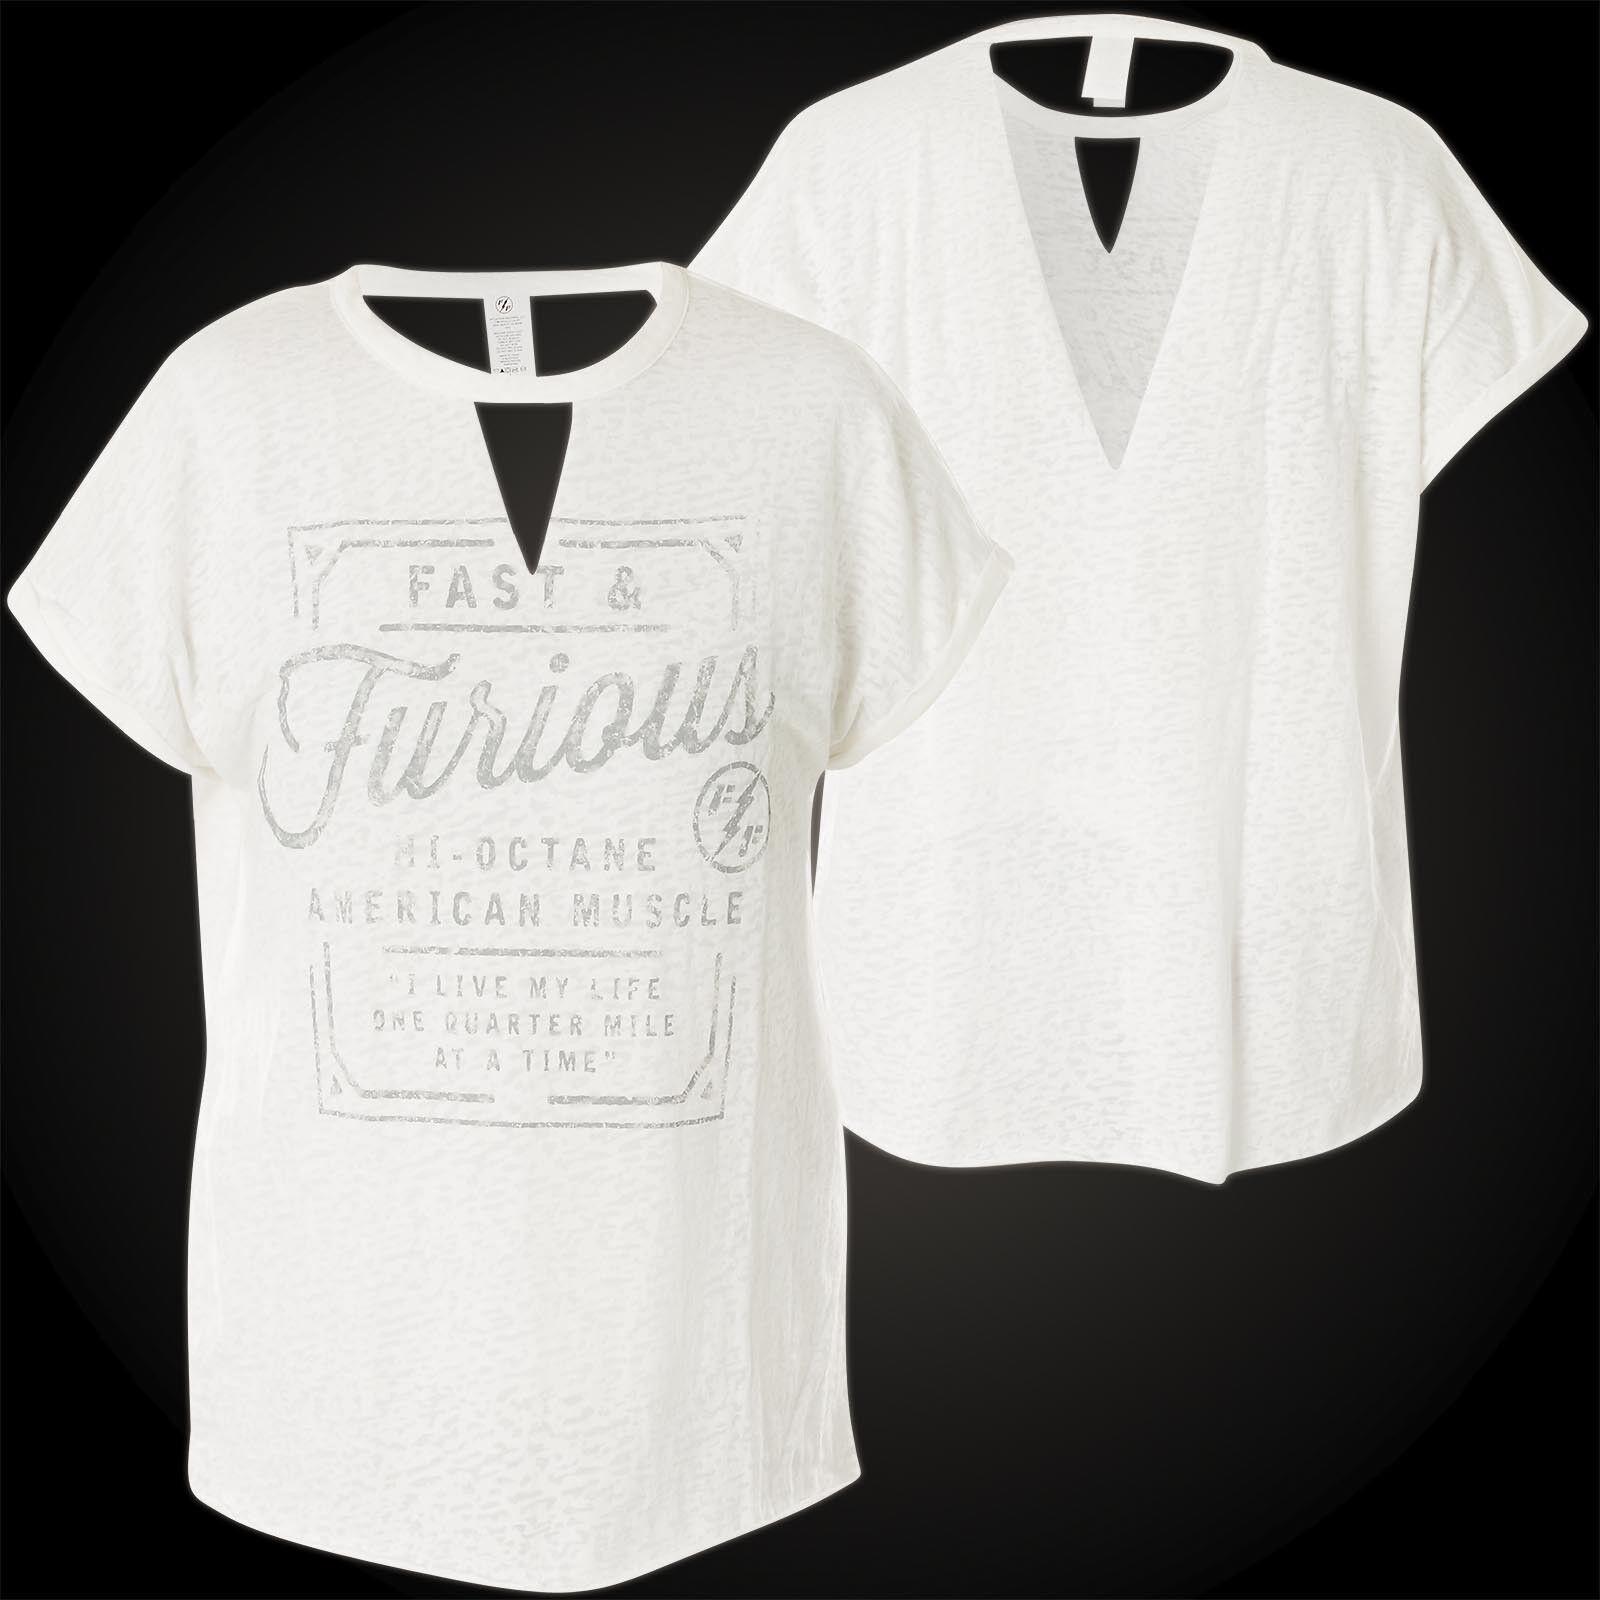 AFFLICTION Fast & Furious Furious Furious Damen T-Shirt American Muscle Roll | Fairer Preis  | Klein und fein  | Attraktiv Und Langlebig  | Verschiedene aktuelle Designs  | Überlegen  628a0e